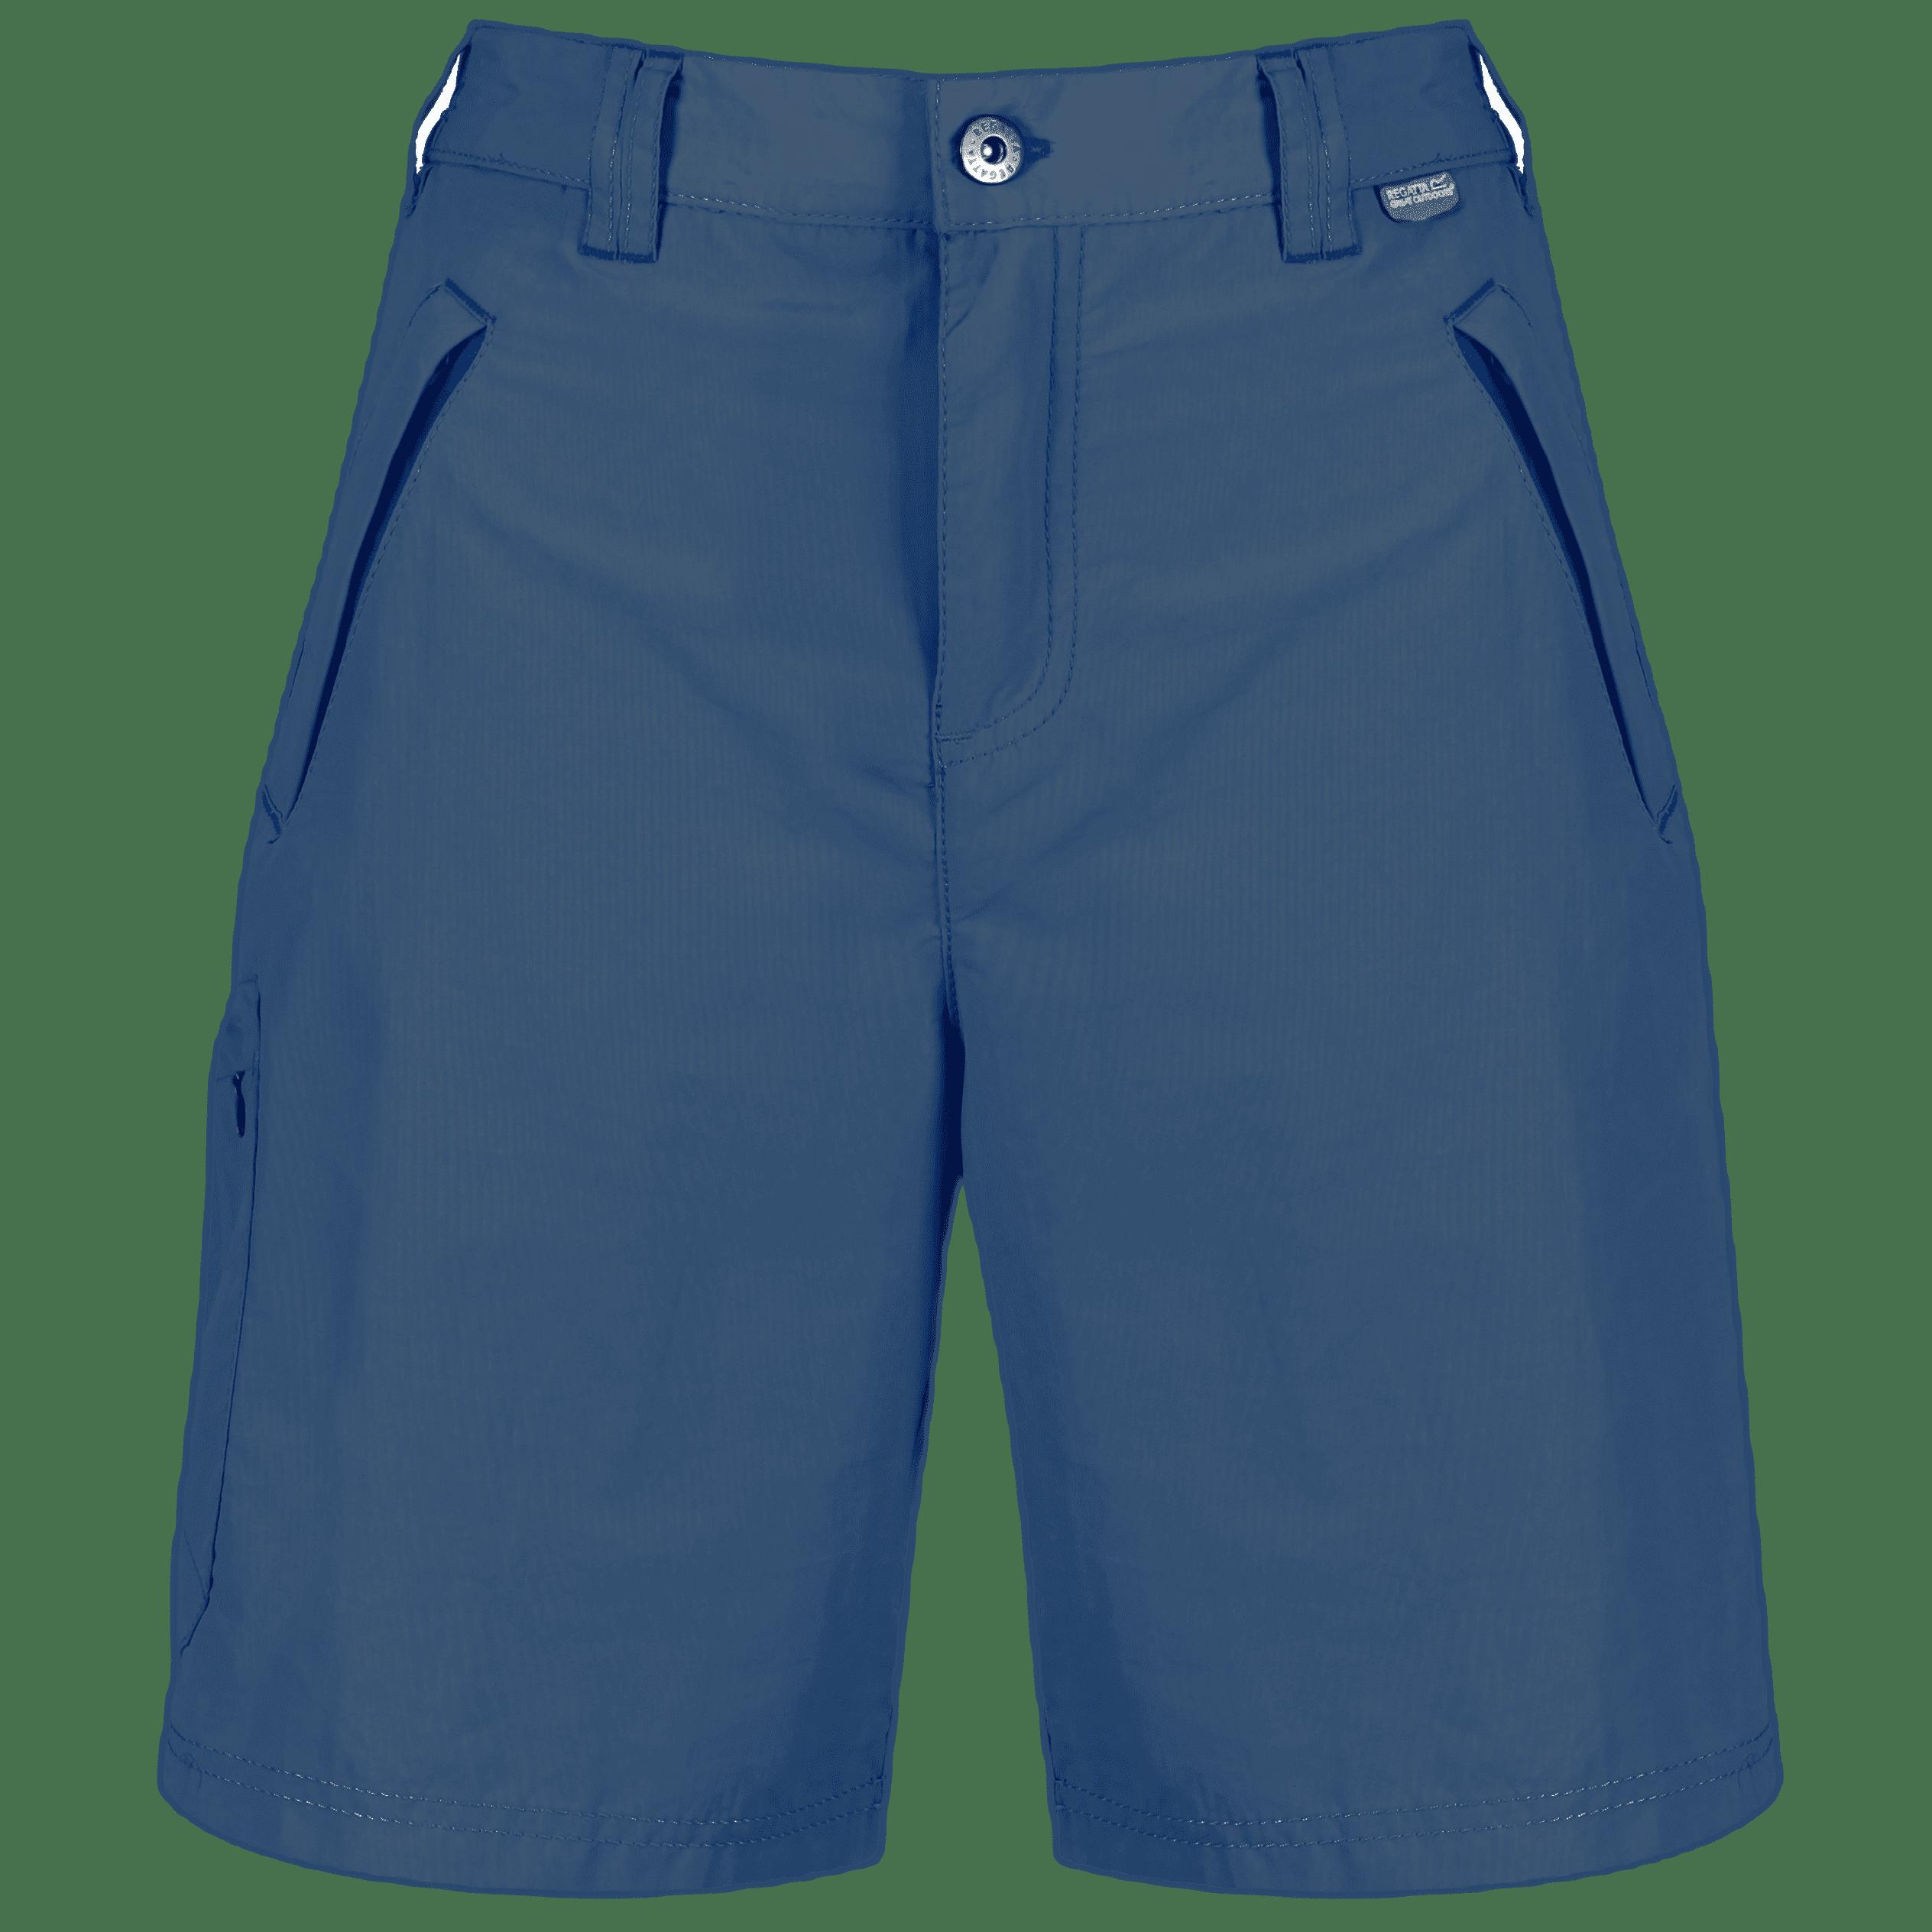 Shorts chaska